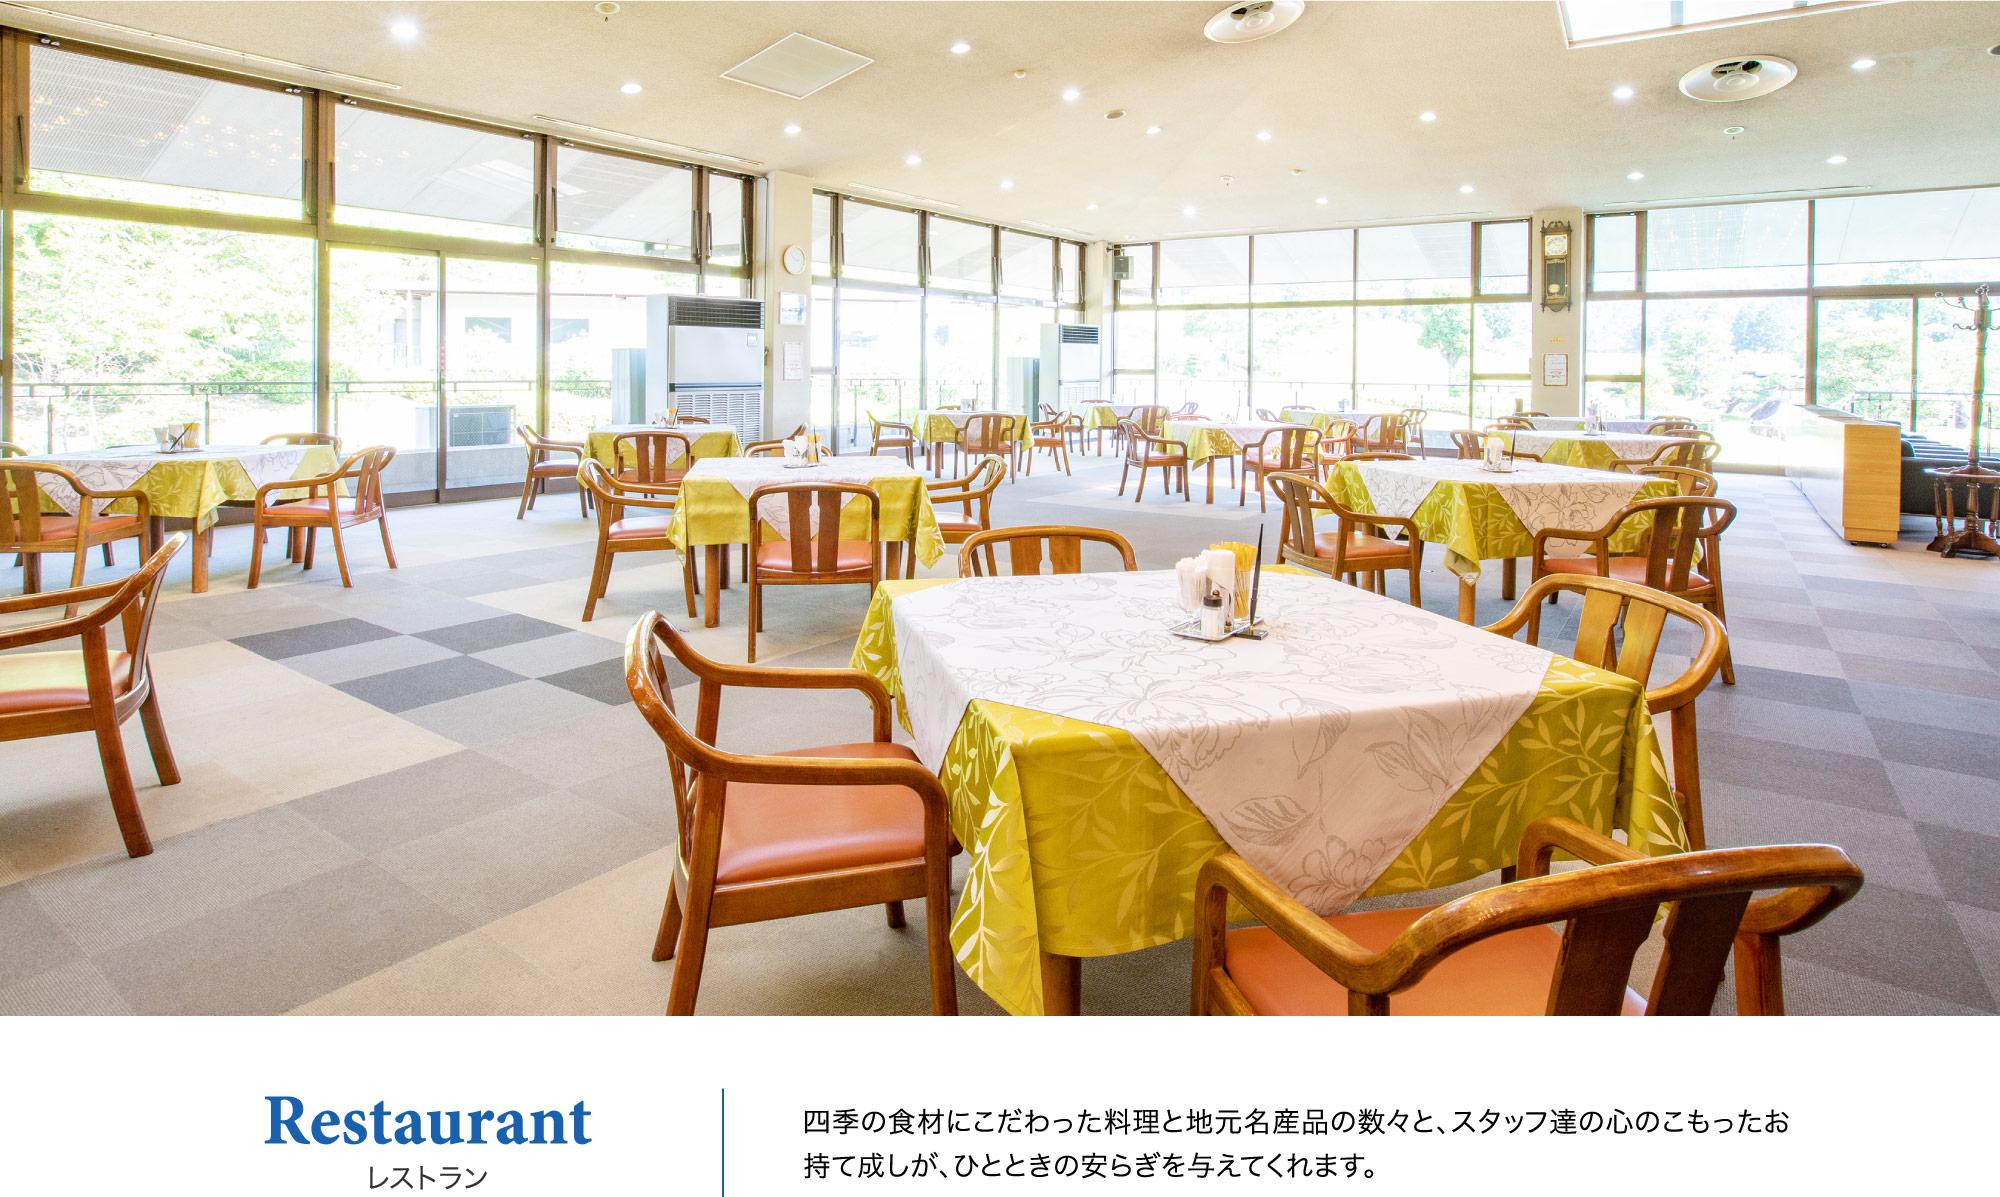 オレンジシガ レストラン